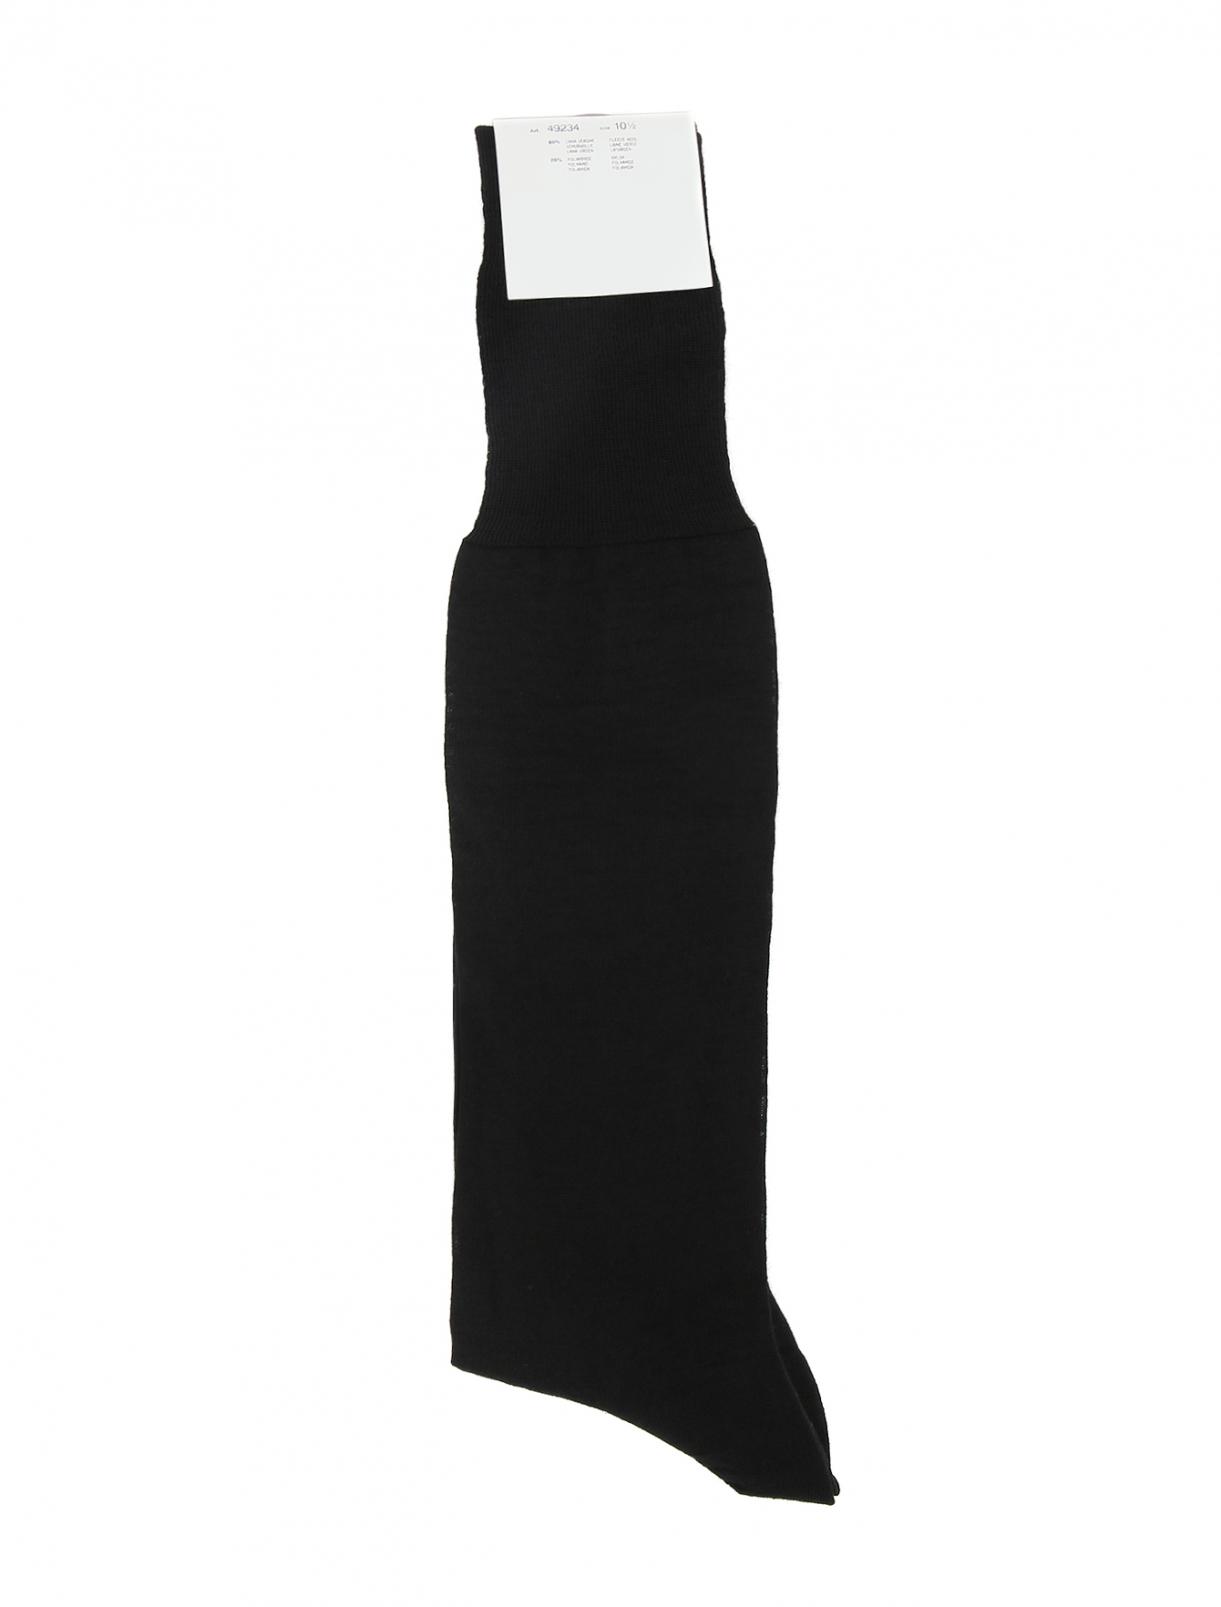 Носки высокие из тонкой шерсти NERO PERLA  –  Общий вид